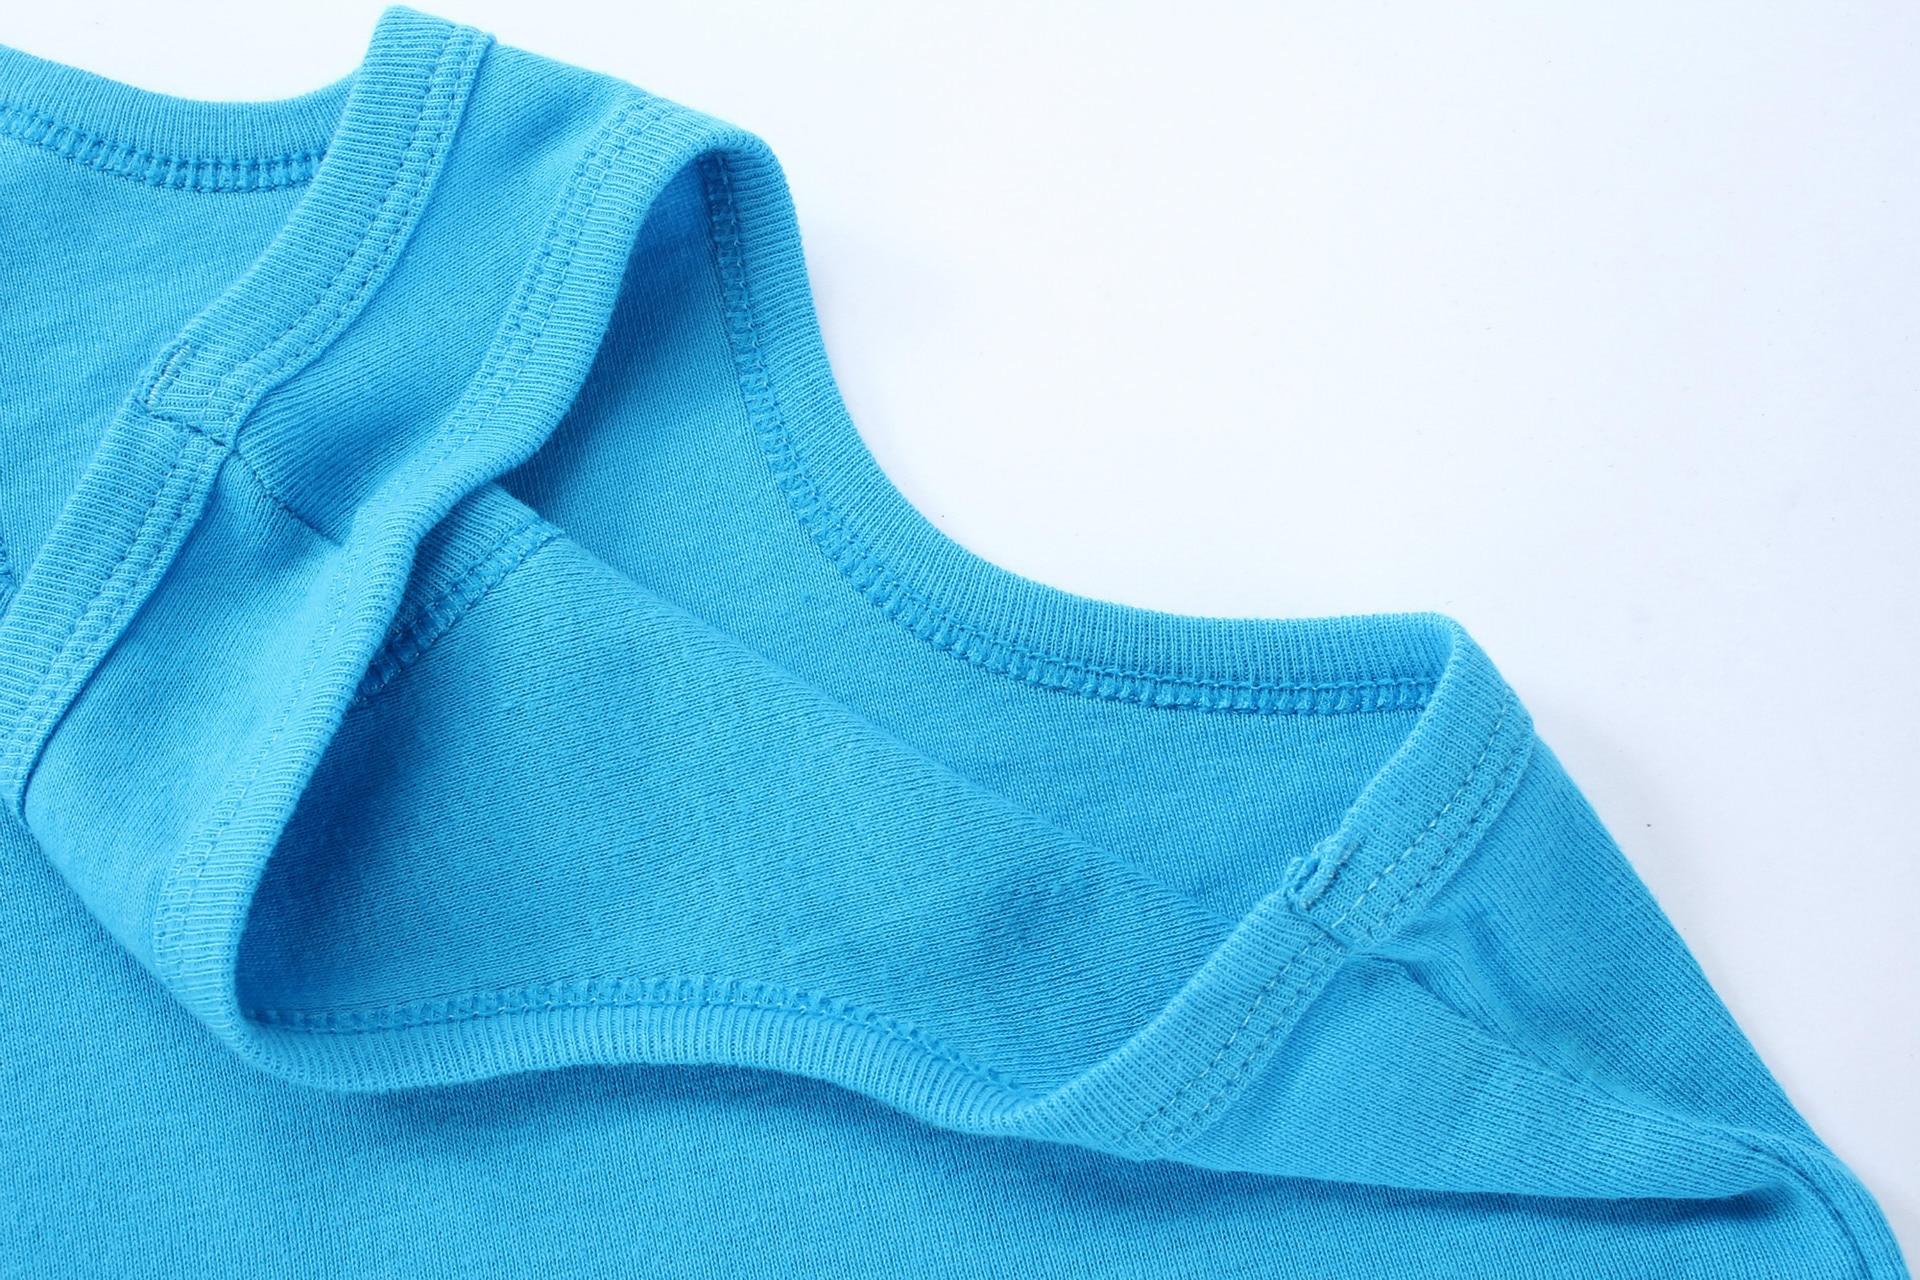 ახალი გაზაფხულის - ბავშვთა ტანსაცმელი - ფოტო 4